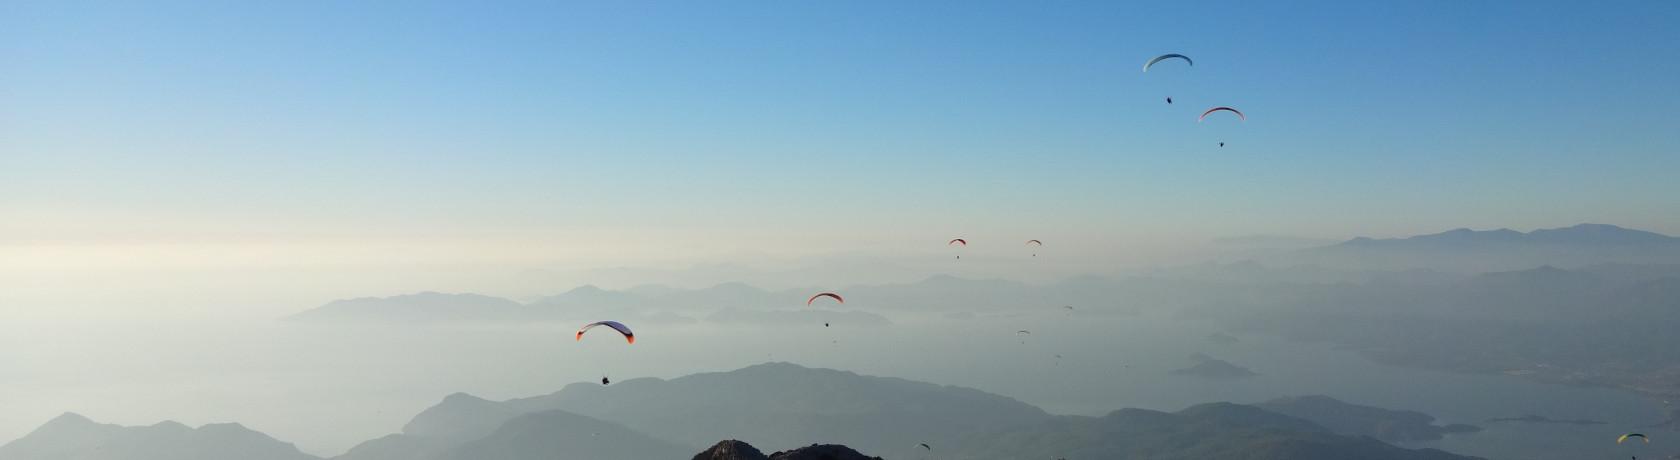 Gleitschirme im Himmel über Ölüdeniz, Türkei